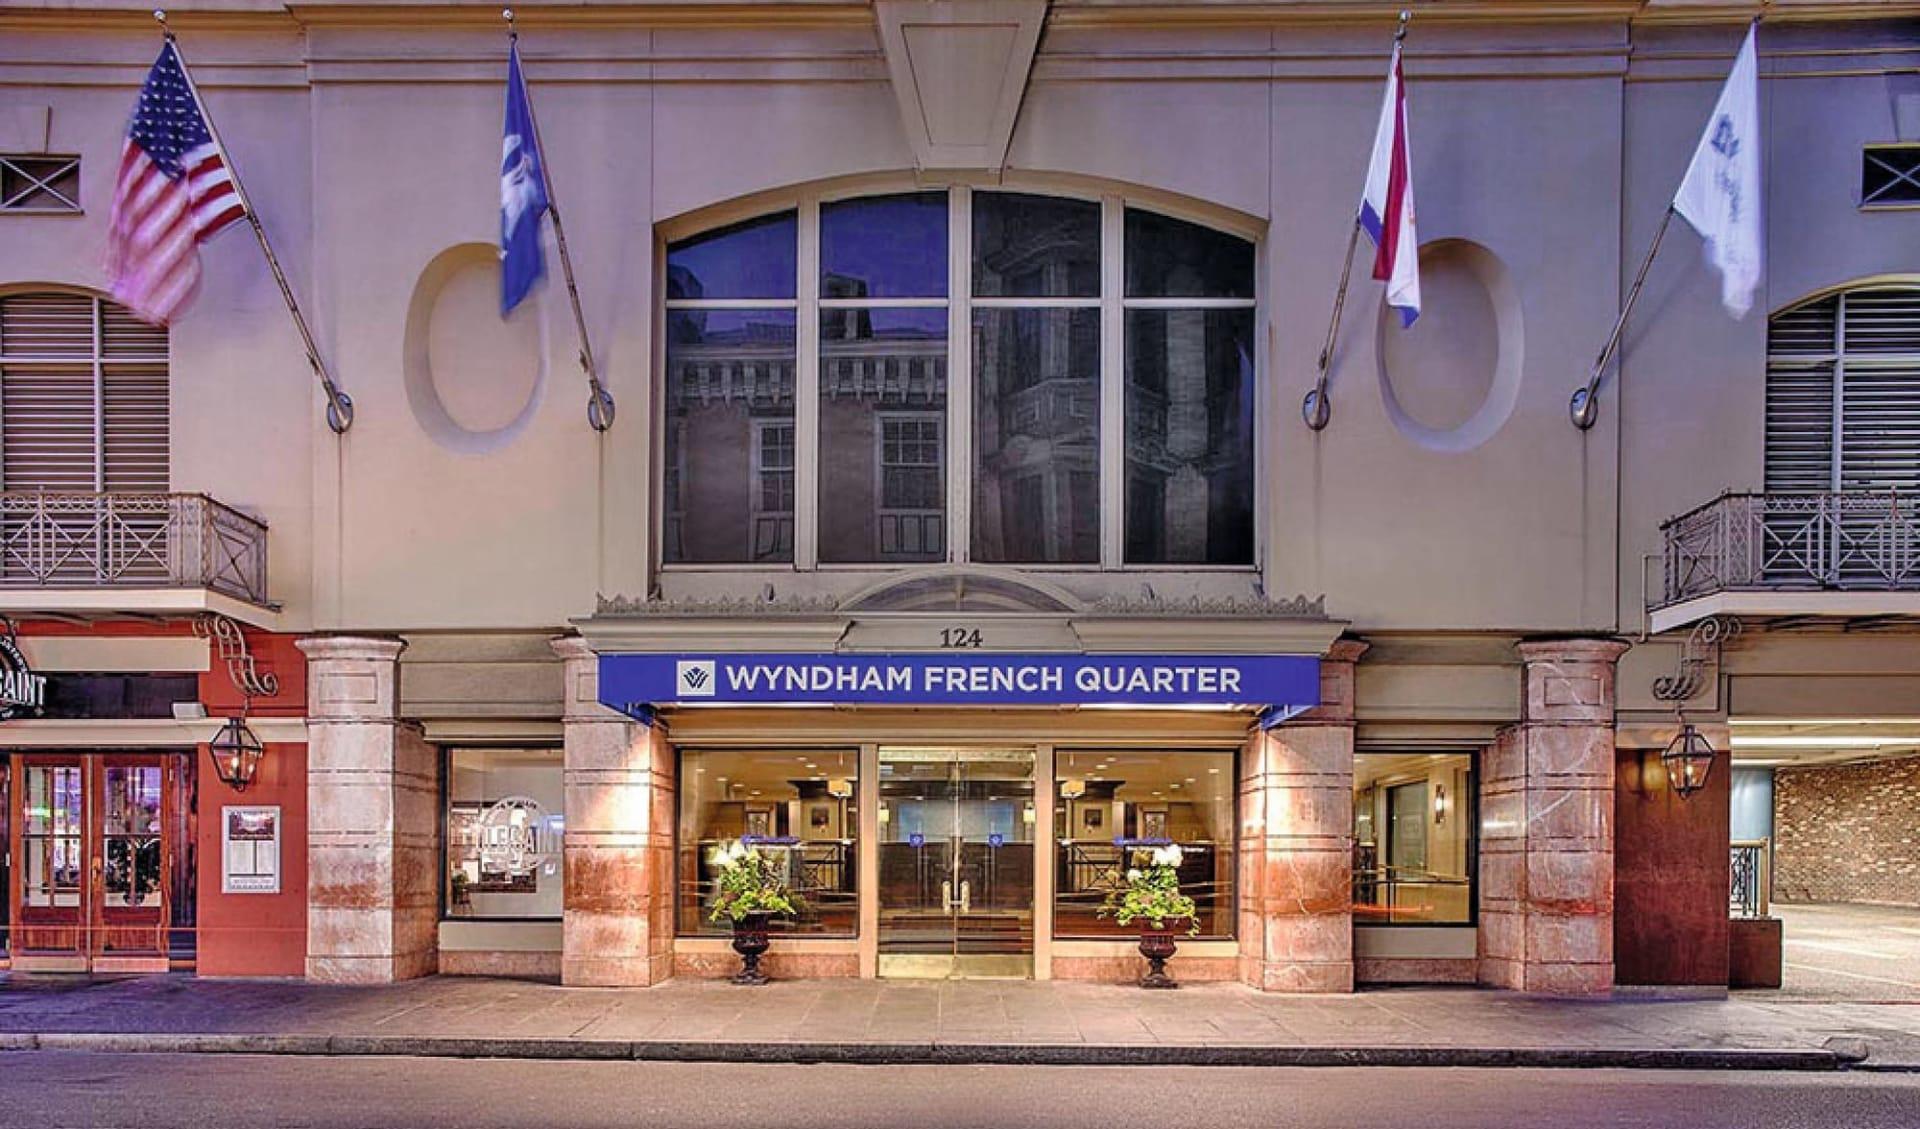 Wyndham New Orleans French Quarter:  Wyndham New Orleans French Quarter - Hoteleingang